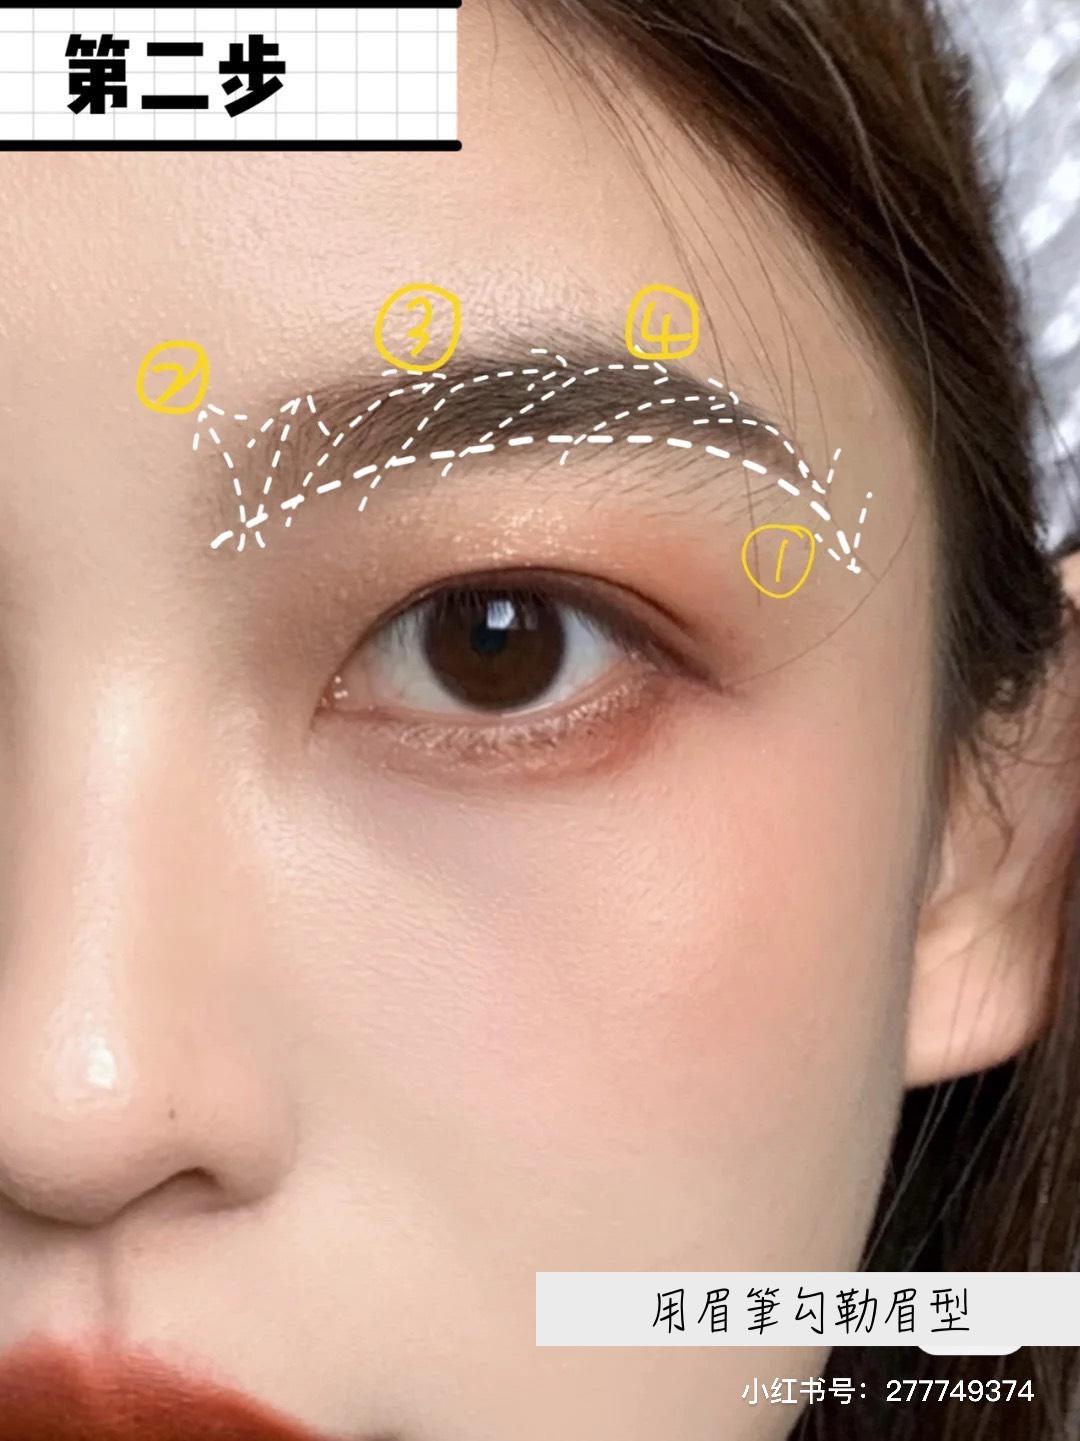 第一筆先從眉底畫一條線,確定眉頭和眉尾的位置,然後再順著眉毛生長的方向一筆一筆劃到眉尾,可以打造毛流感。